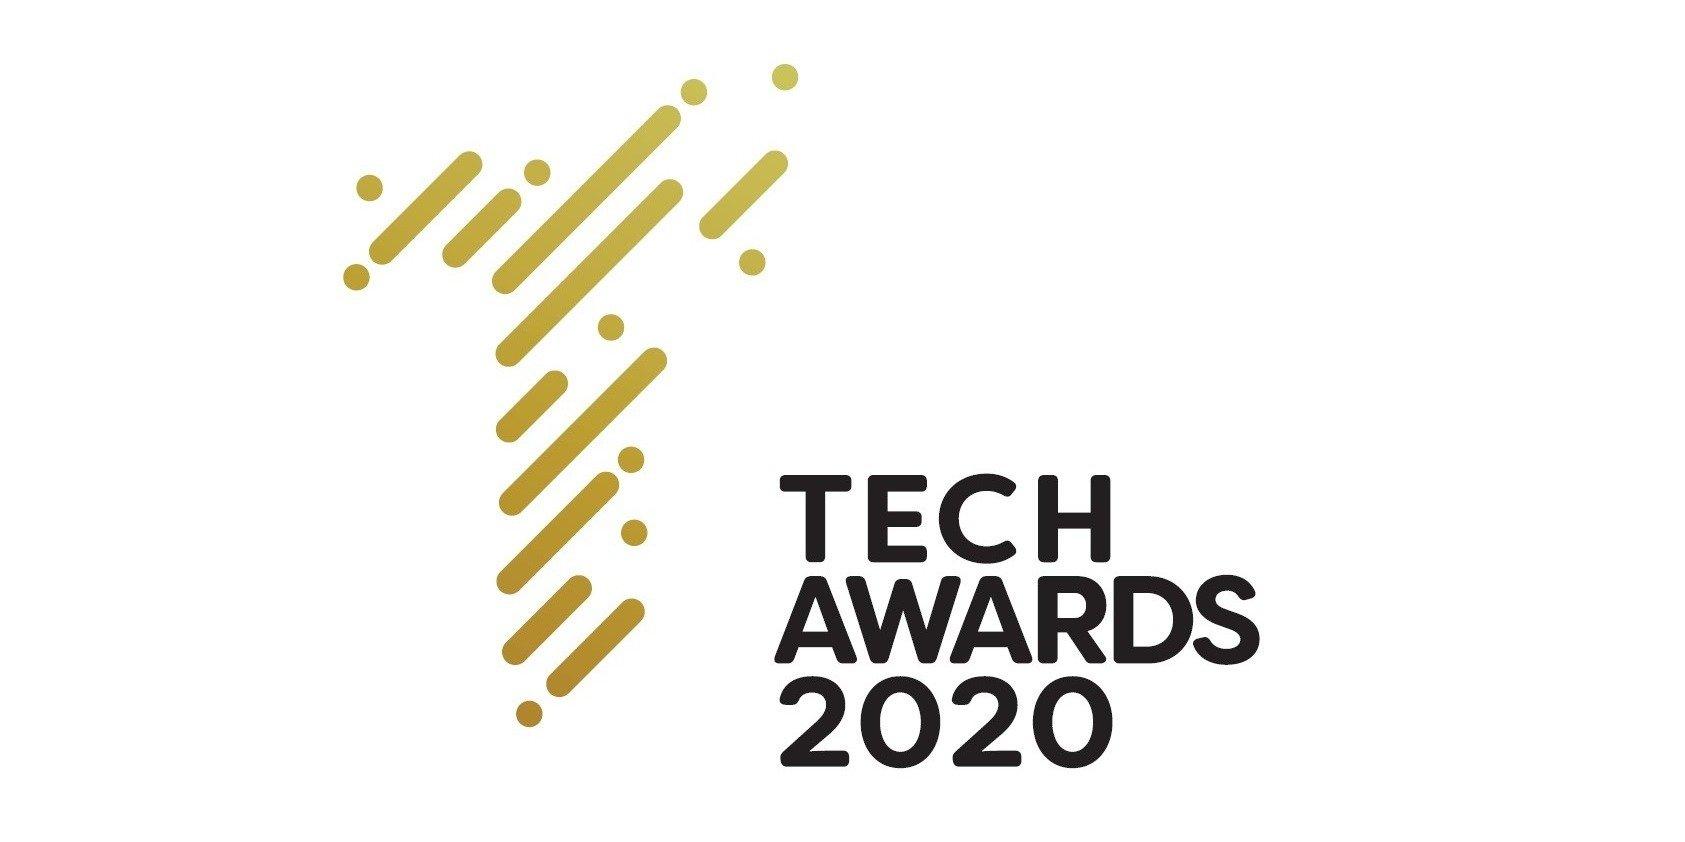 OPPO marką roku w plebiscycie Tech Awards 2020